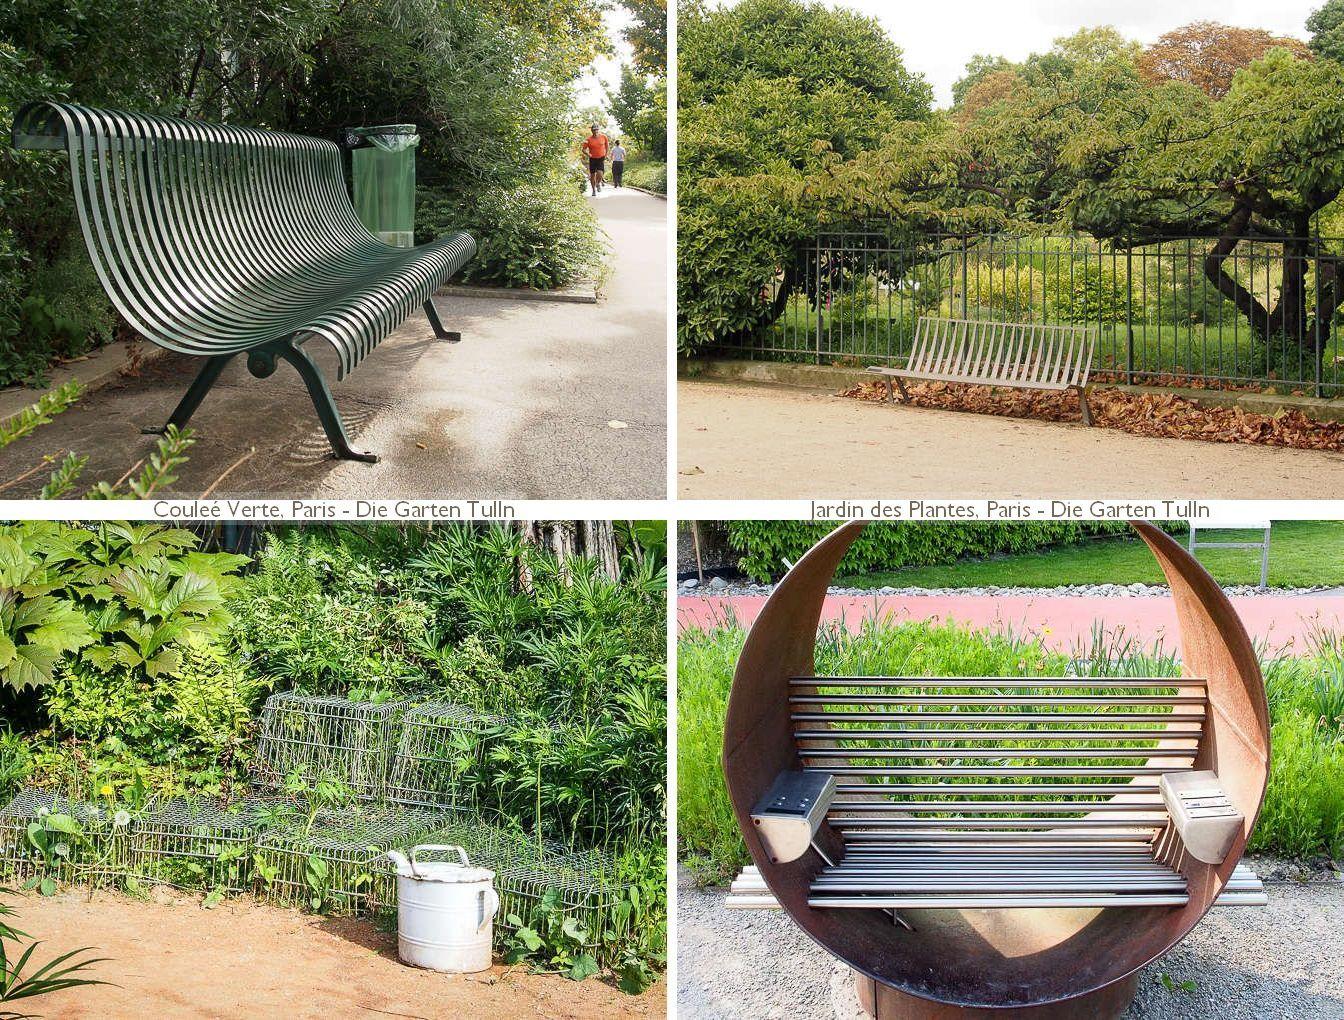 Gartensitzmöbel aus Metall - von klassisch über upcycling bis high-tech